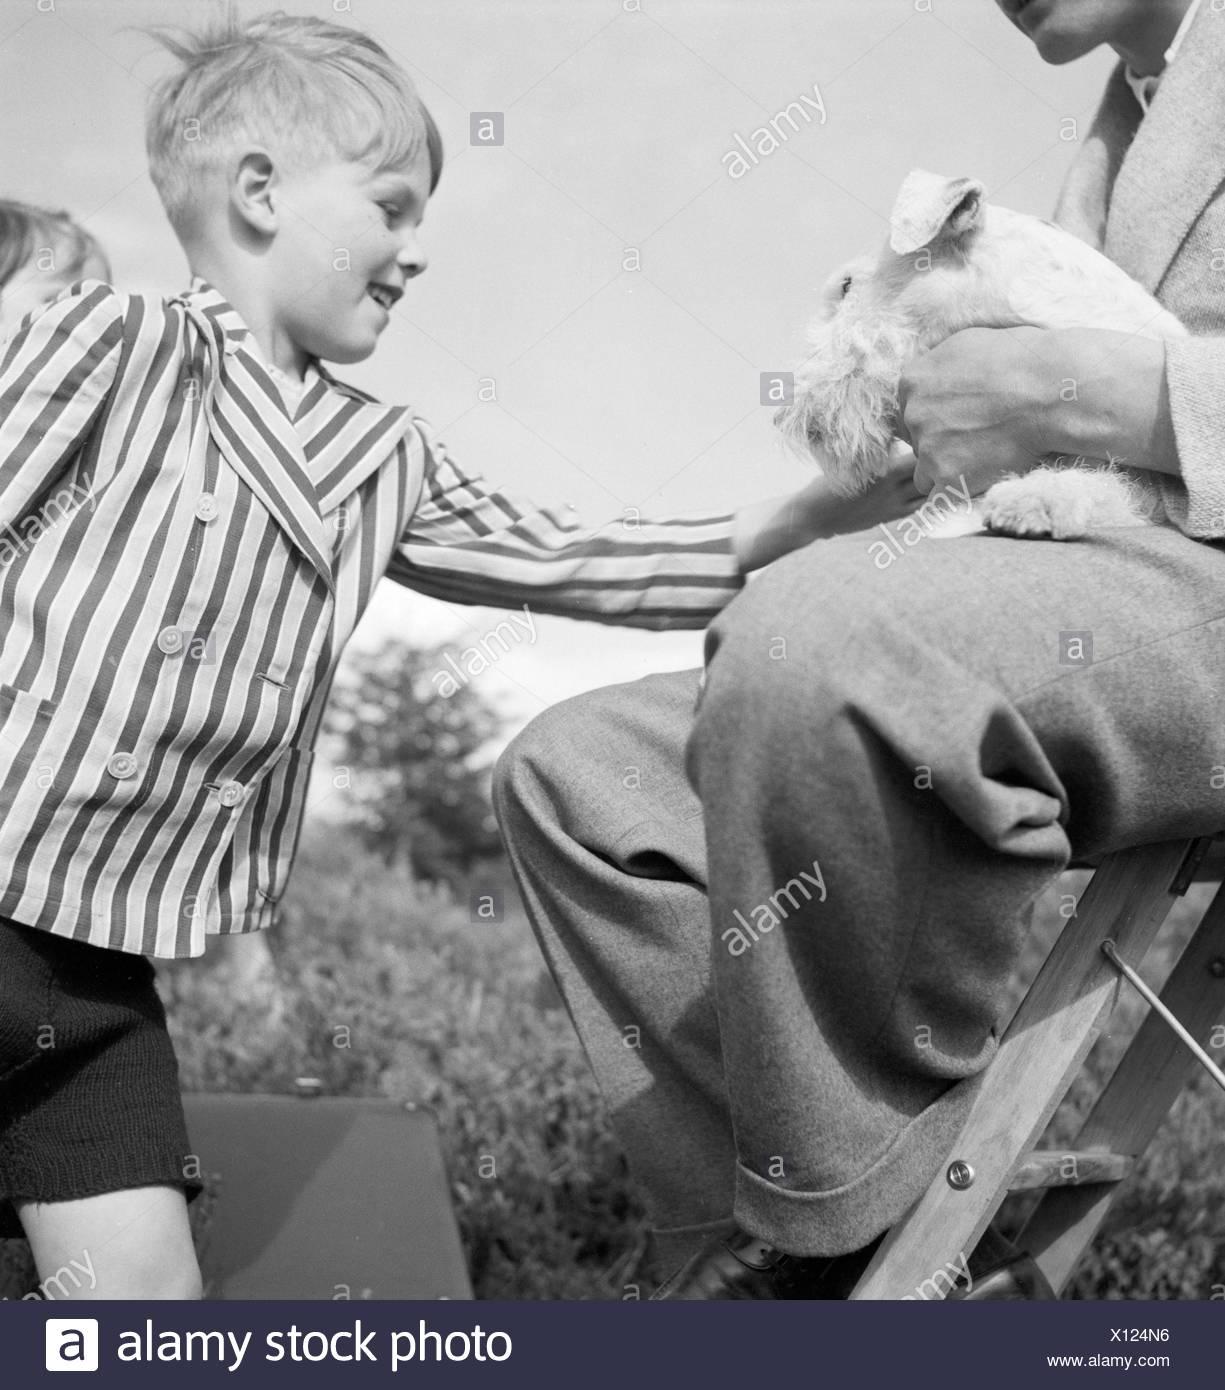 Ein Kleiner Junge Streichelt Einen Foxterrier, 1930er Jahre Deutschland. Ein kleiner Junge mit einem Fox Terrier, Deutschland der 1930er Jahre. Stockbild